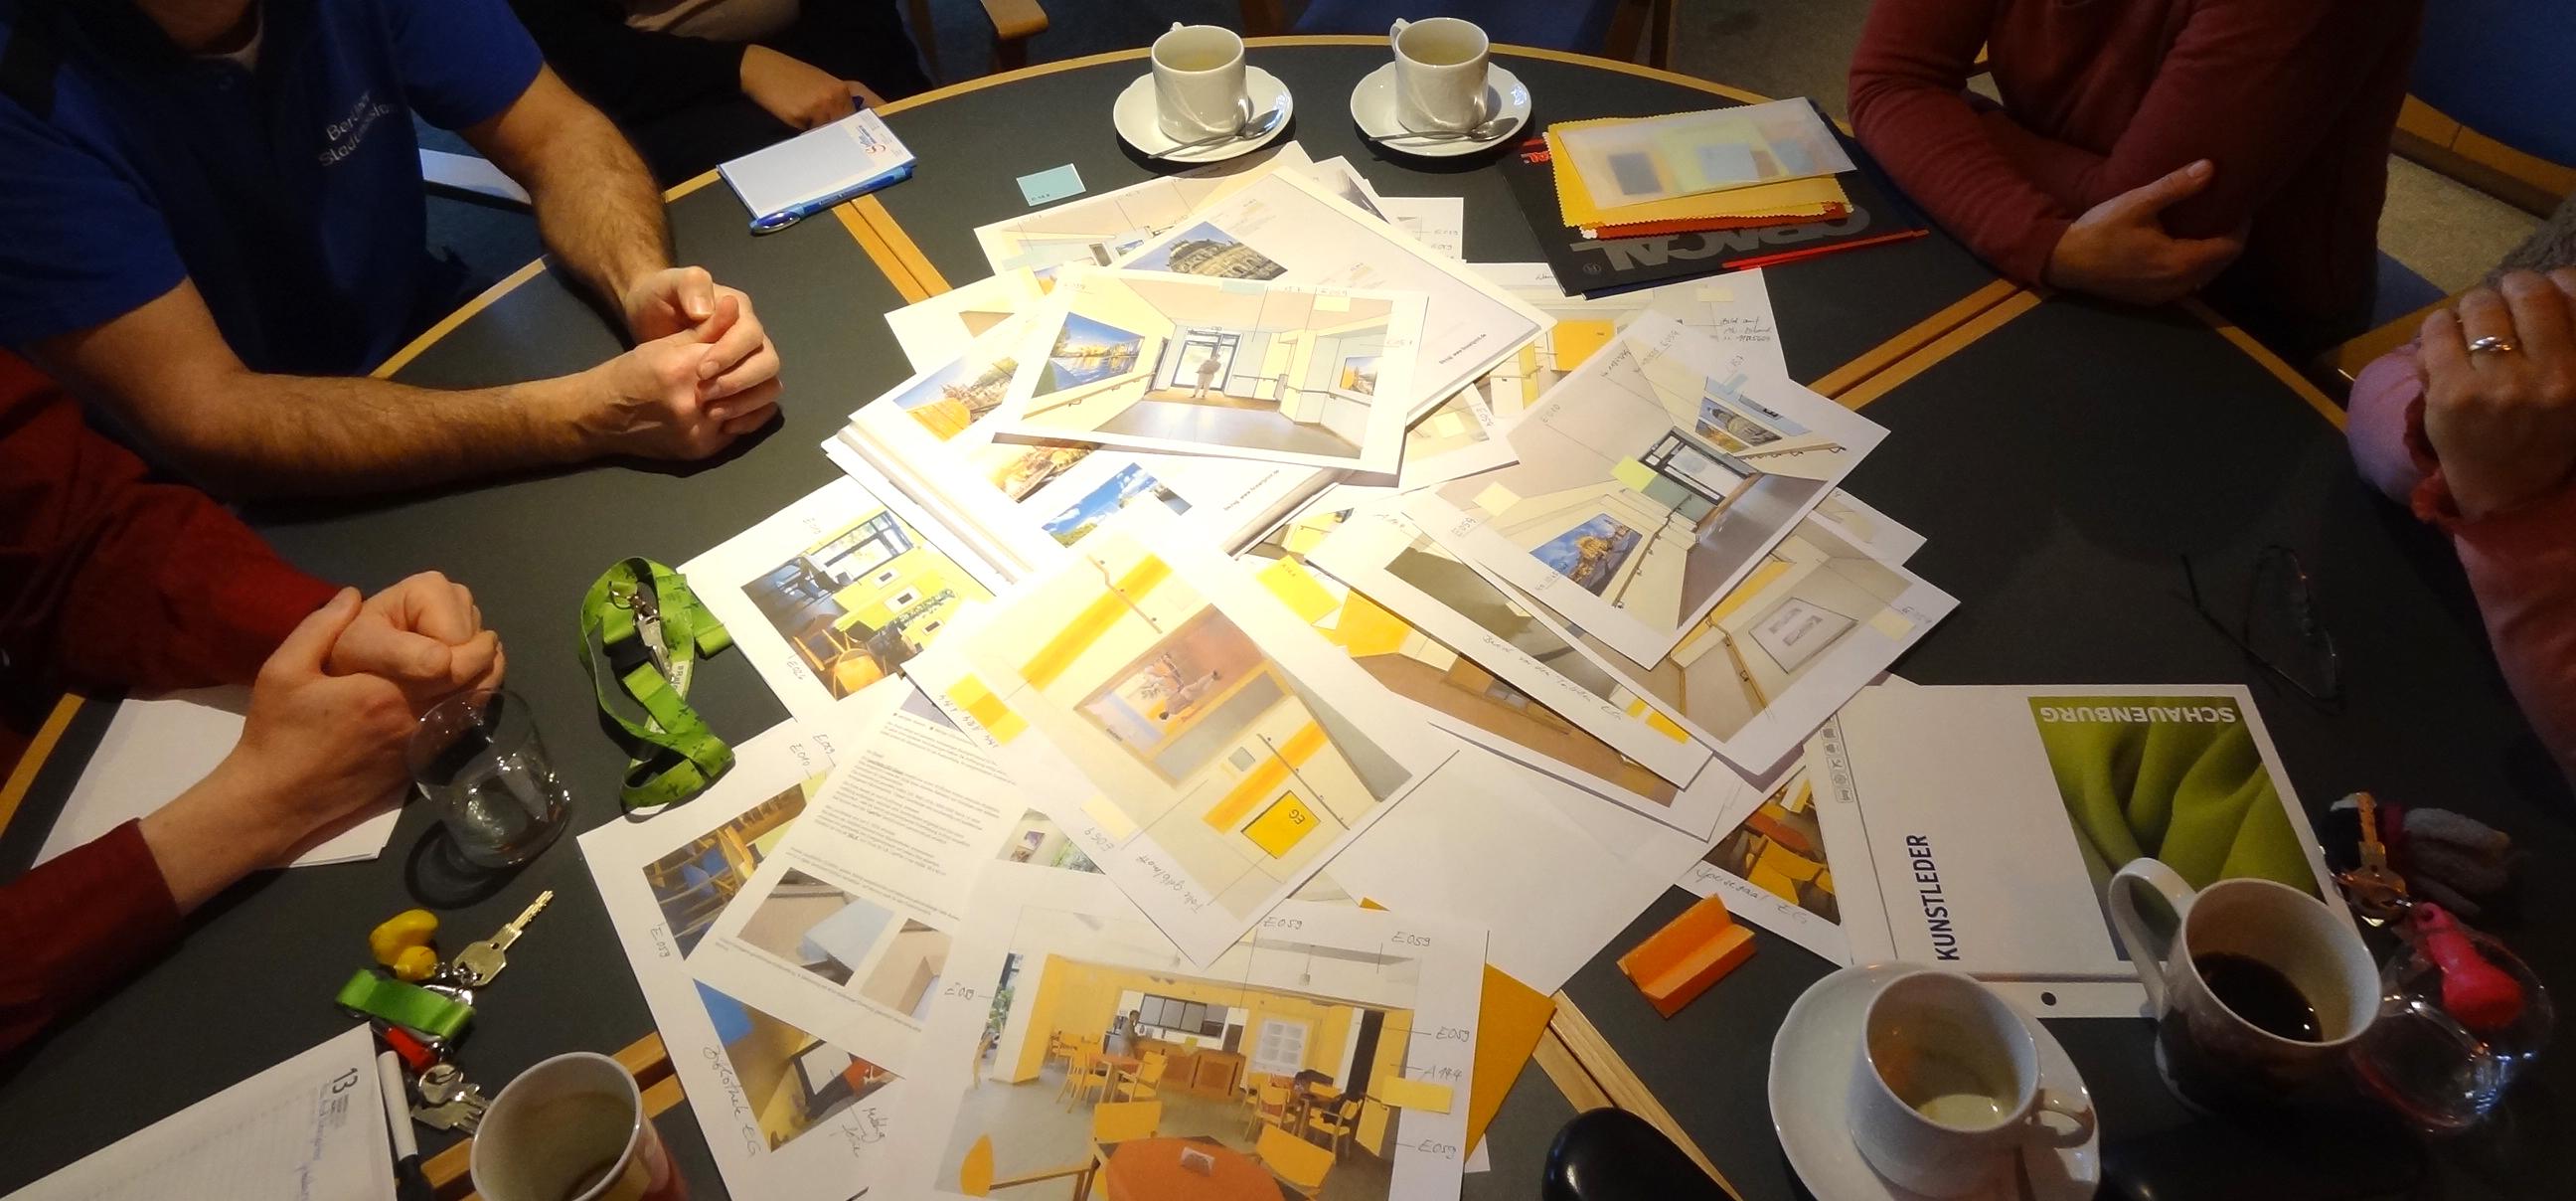 Seniorenheim der berliner stadtmission in k penick for Raumgestaltung bei demenz